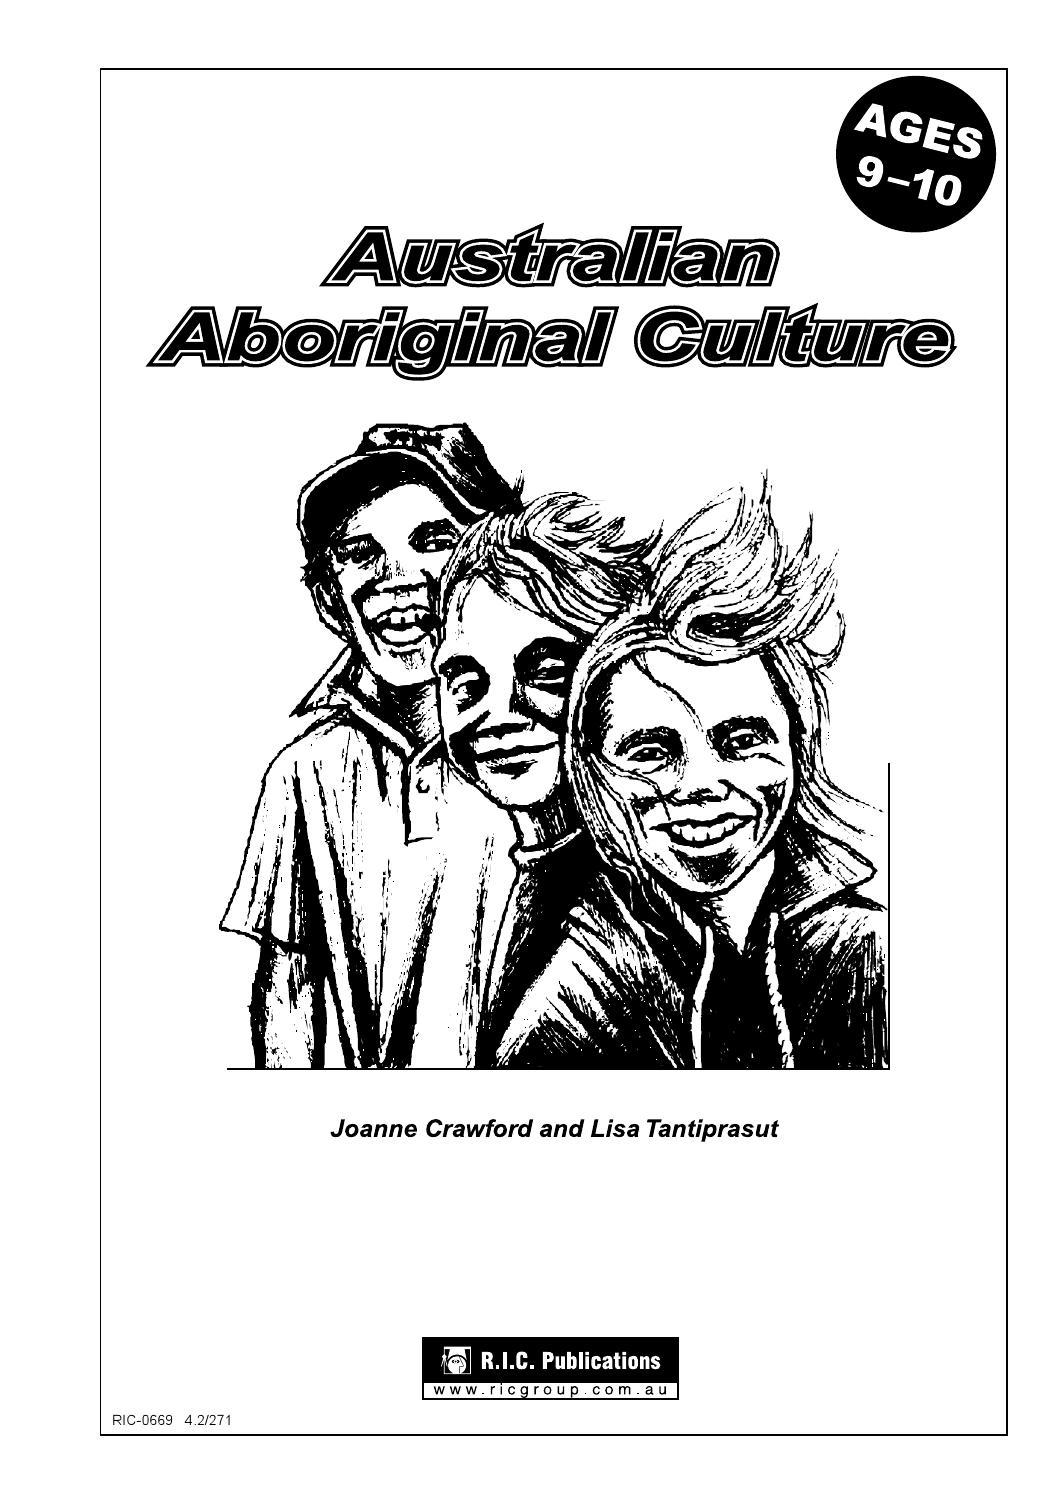 Australian Aboriginal Culture: Ages 9-10 by Teacher